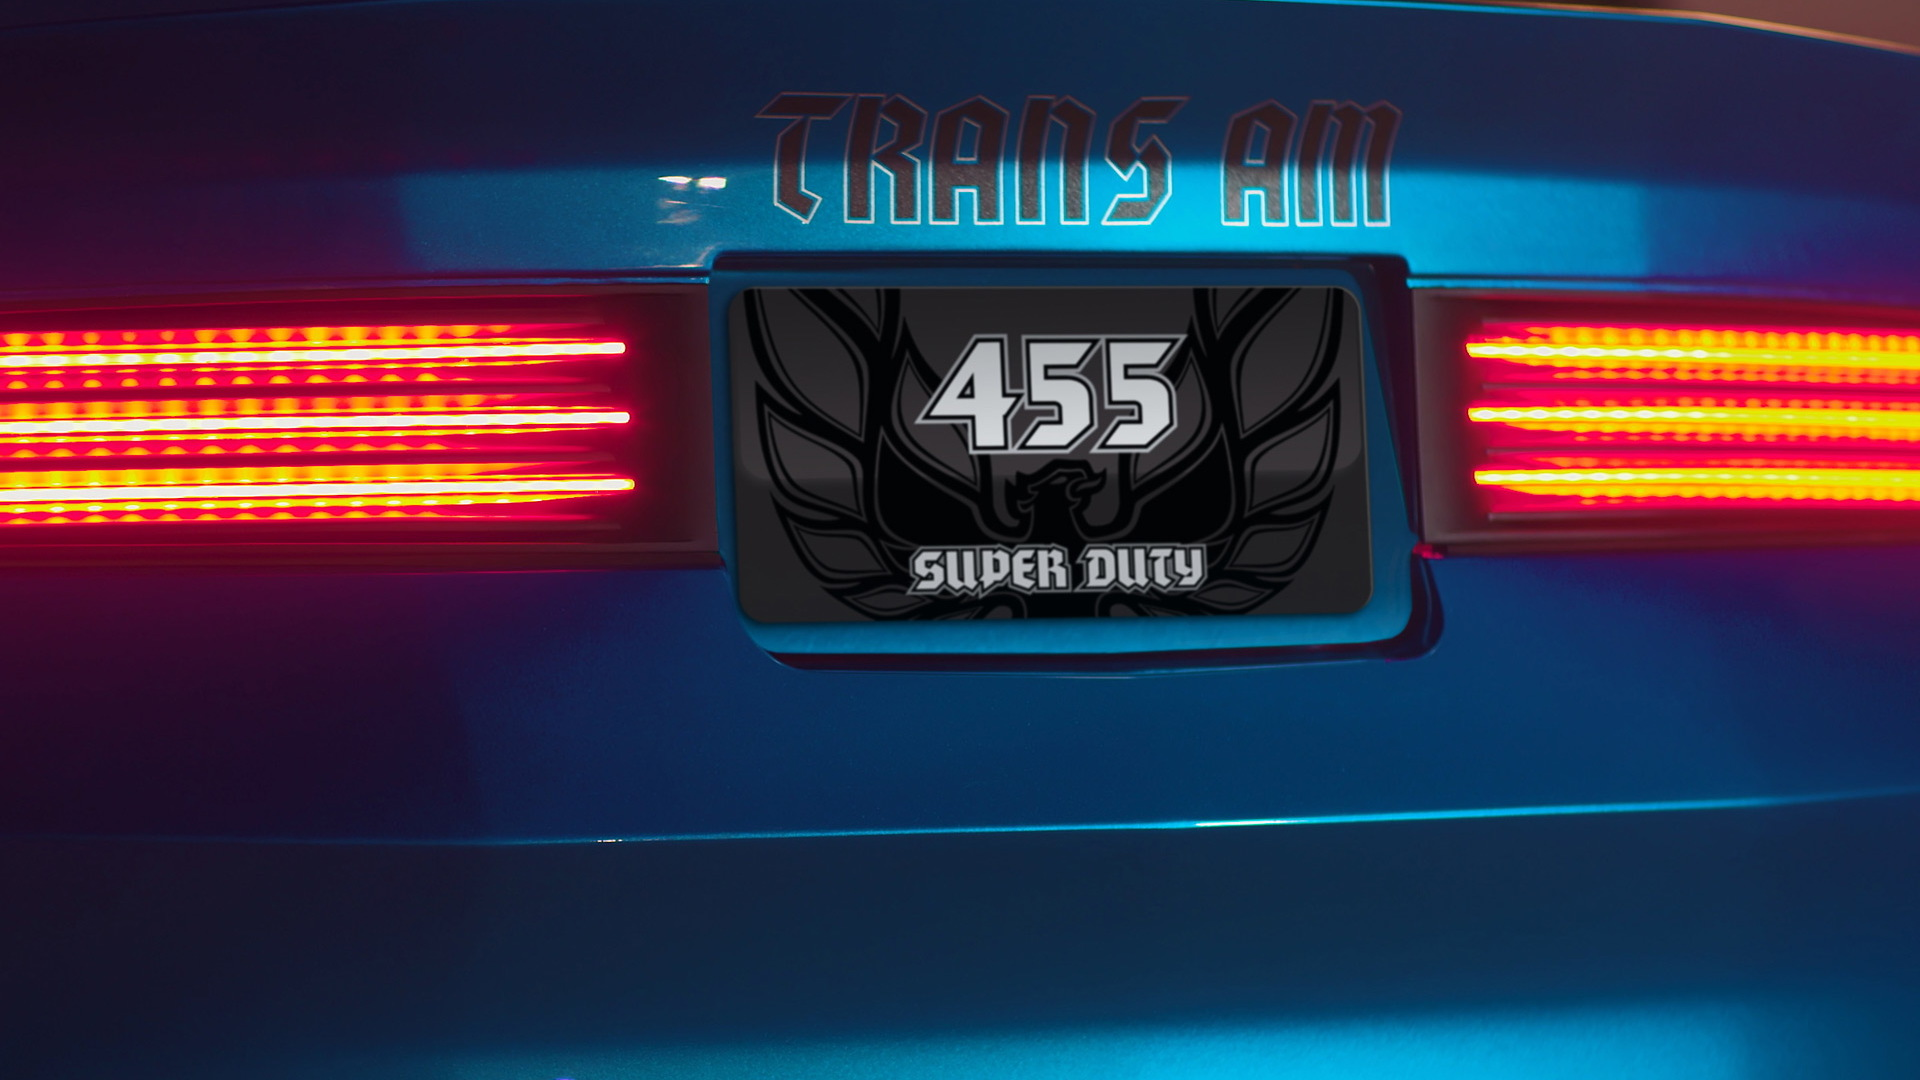 2017 Trans Am 455 Super Duty